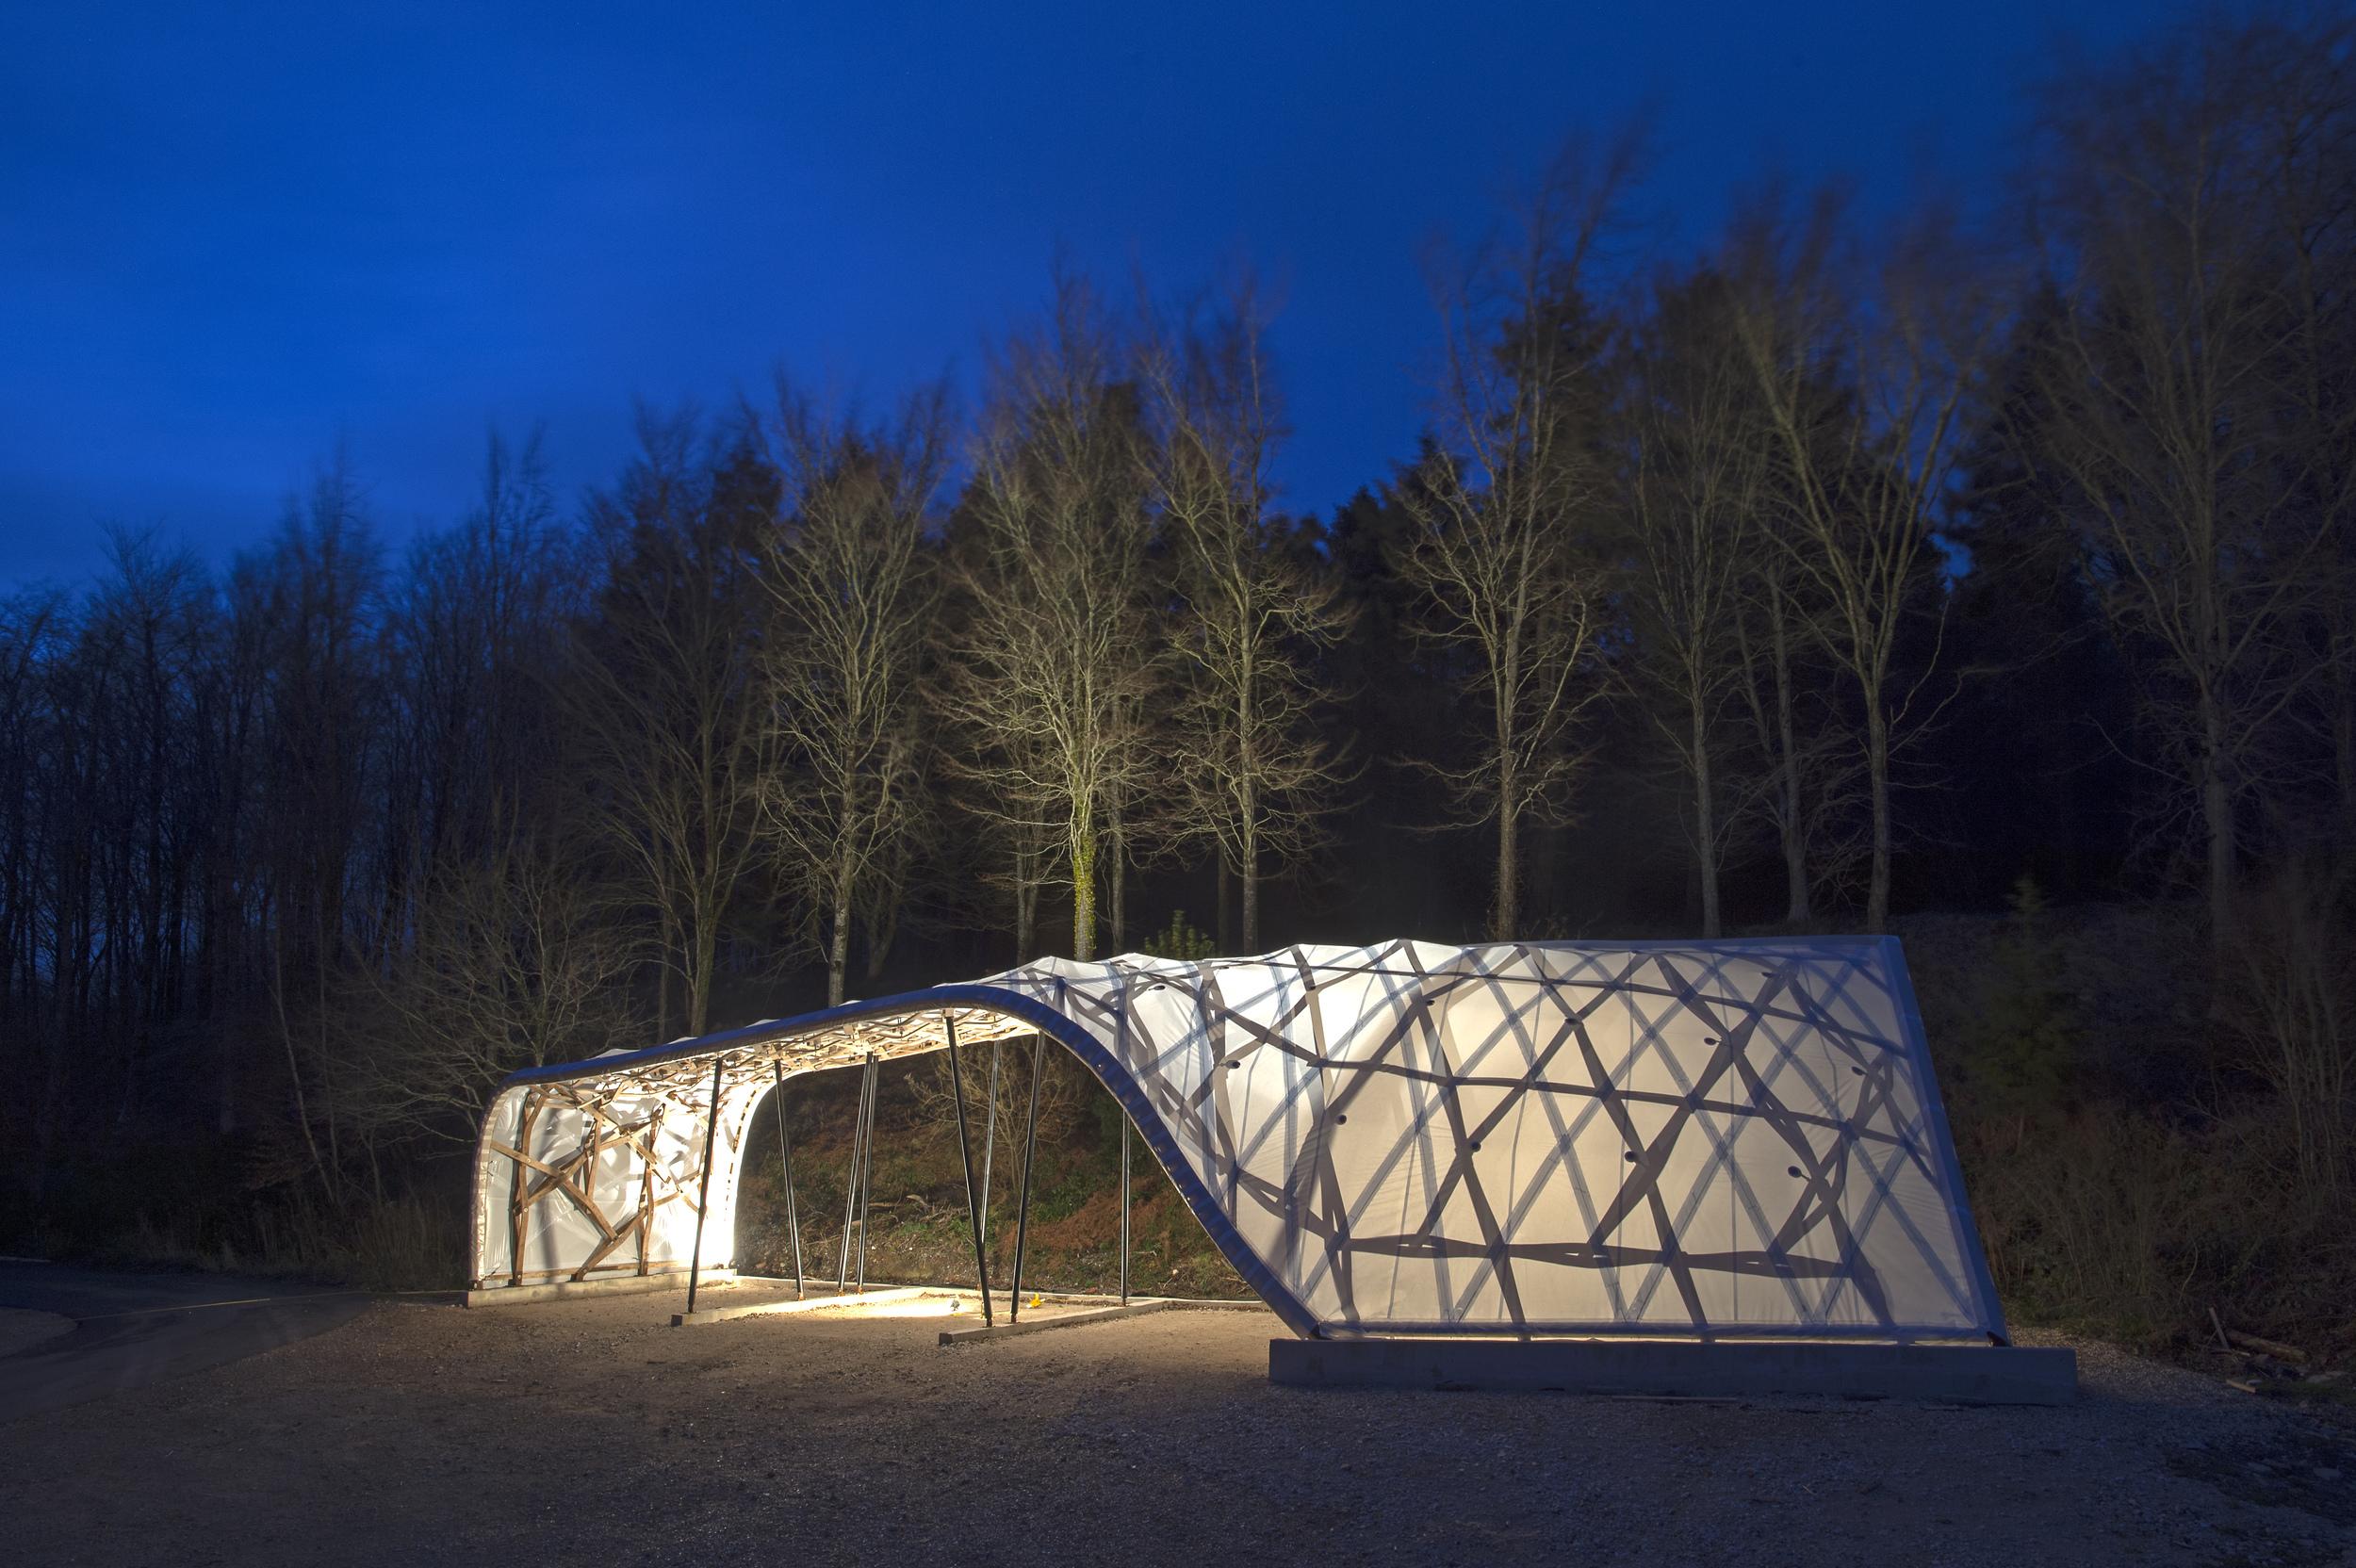 Hooke_Park_Design_&_Make_Timber_Seasoning_Shelter_©Valerie_Bennett_2014_02_22_0098.jpg